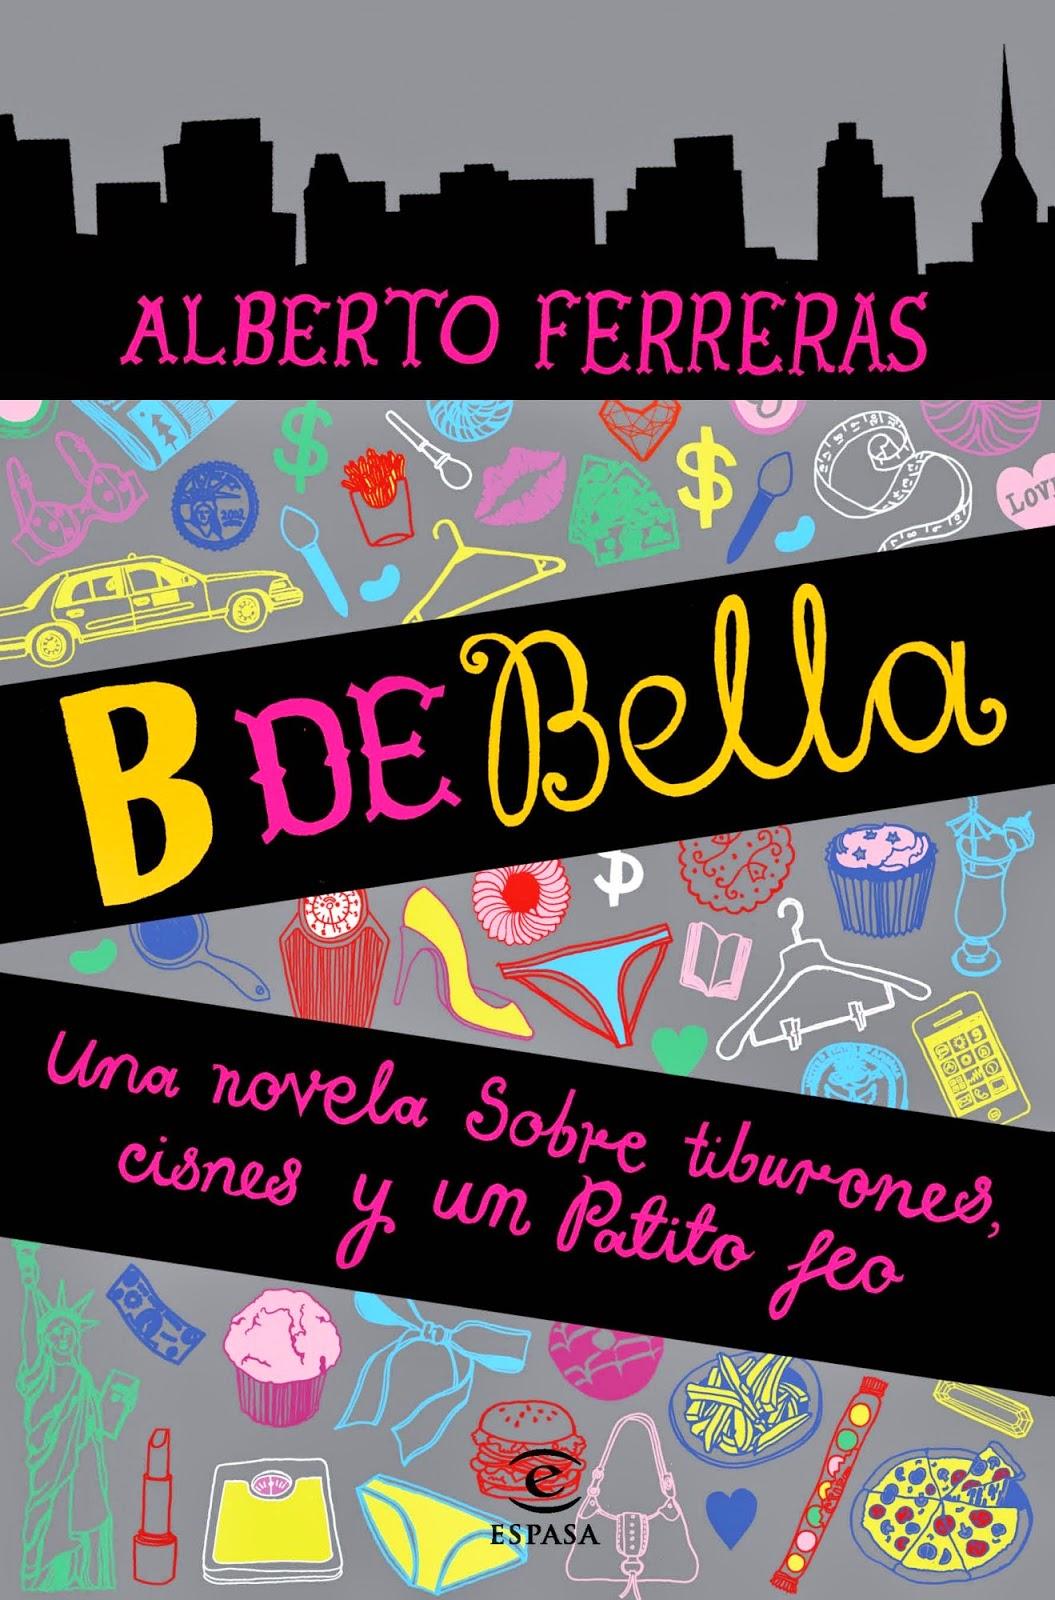 http://labibliotecadebella.blogspot.com.es/2015/03/b-de-bella-alberto-ferreras.html